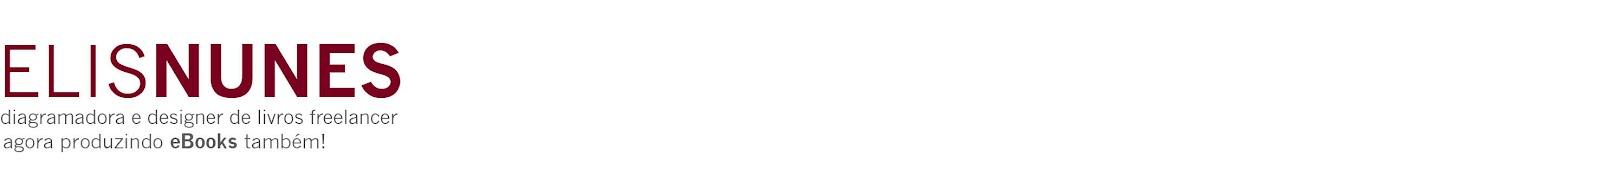 ELISNUNES